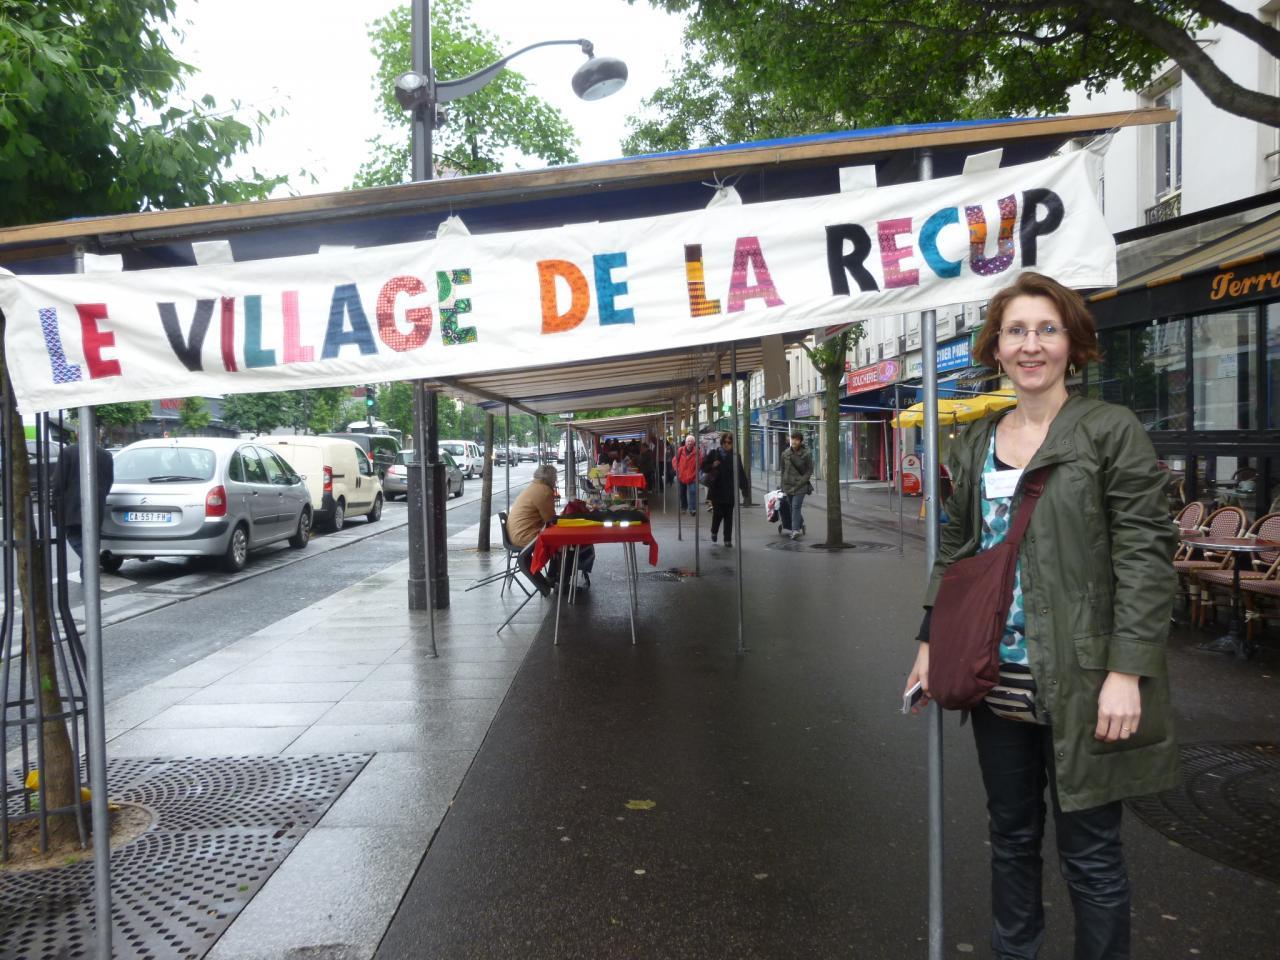 Village de la Récup, Paris 13 ème, 04/06/2016